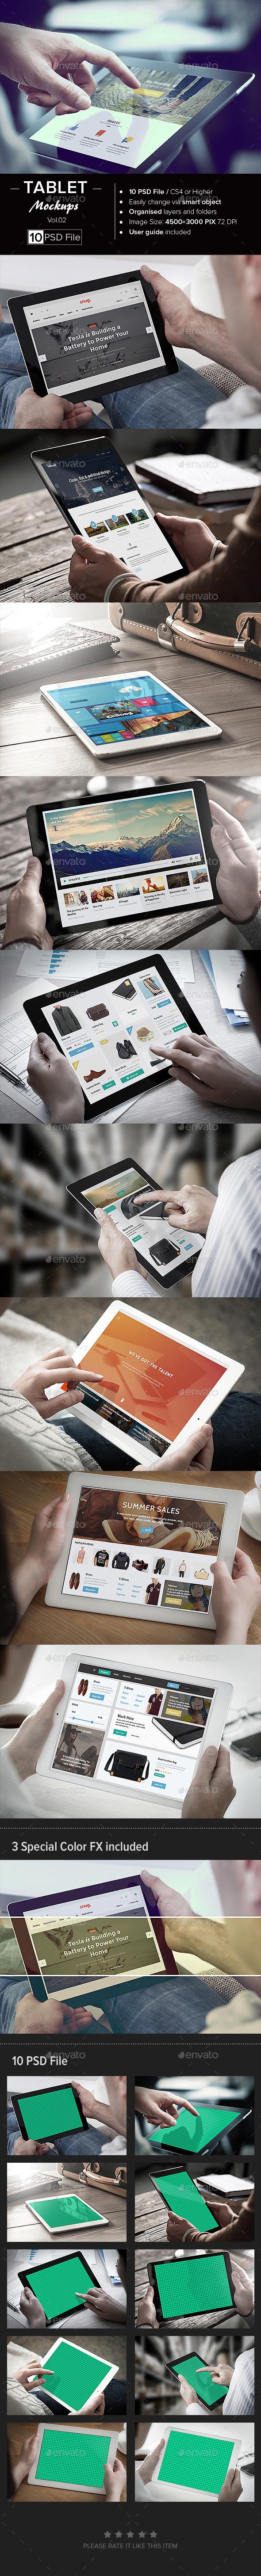 Tablet Mock-Up /Vol. 02 - Mobile Displays